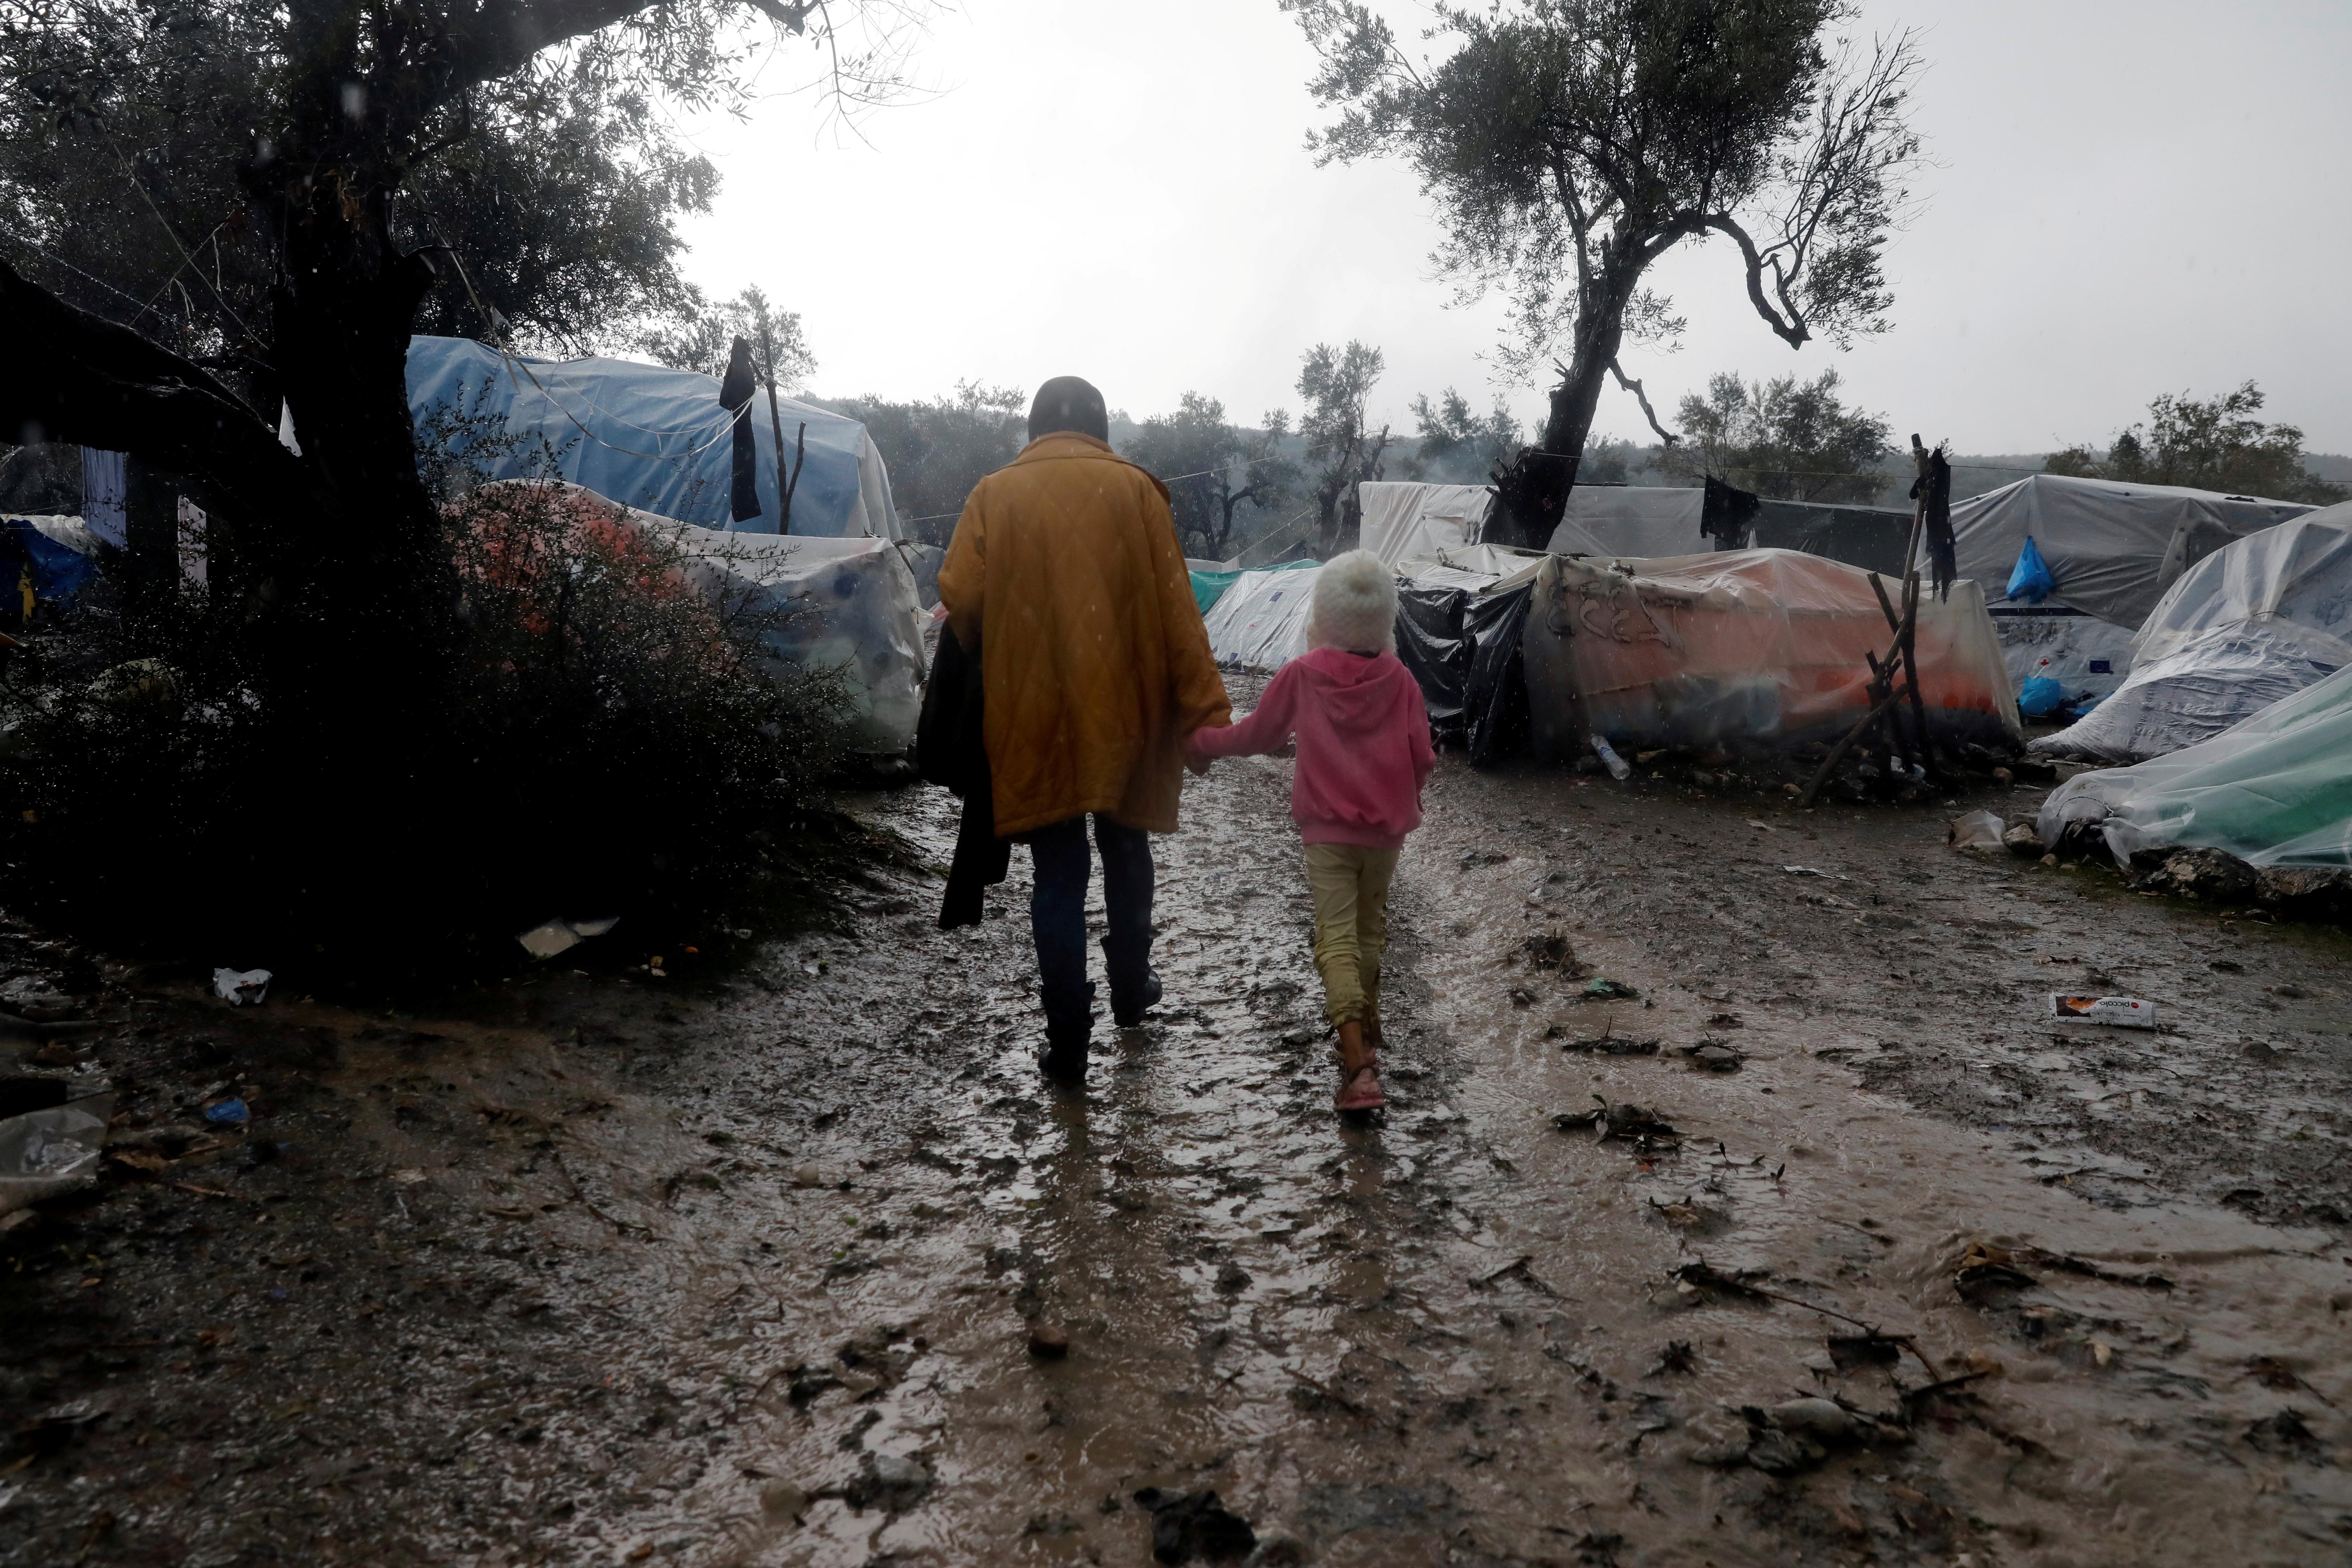 Μυτιλήνη: Σε κρίσιμη κατάσταση 15χρονος με πολλαπλές μαχαιριές